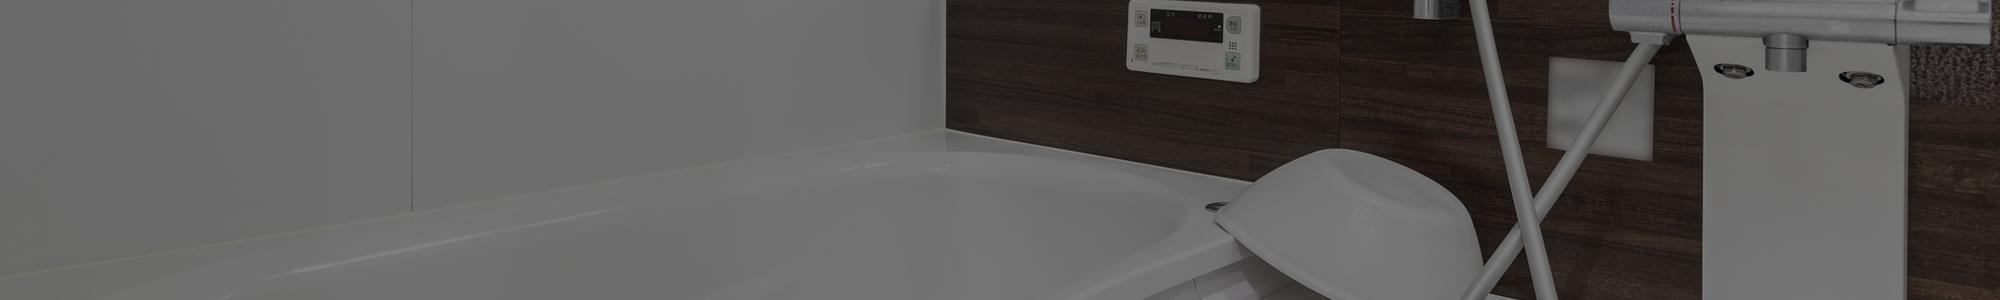 お風呂の背景画像